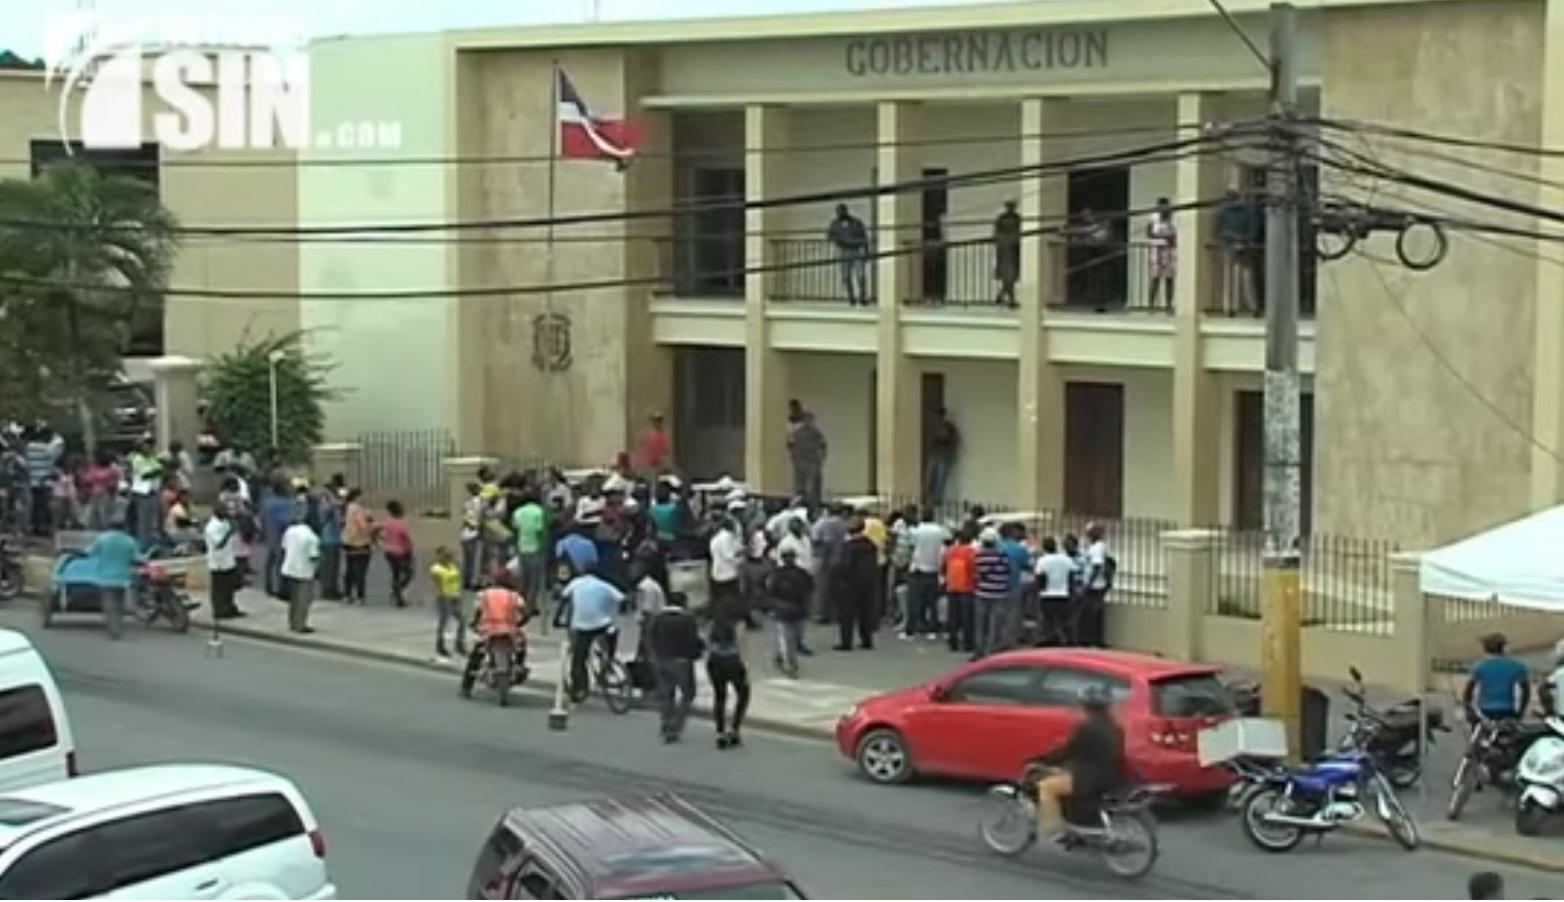 Extranjeros acuden en masas a depositar papeles a oficina en Higüey